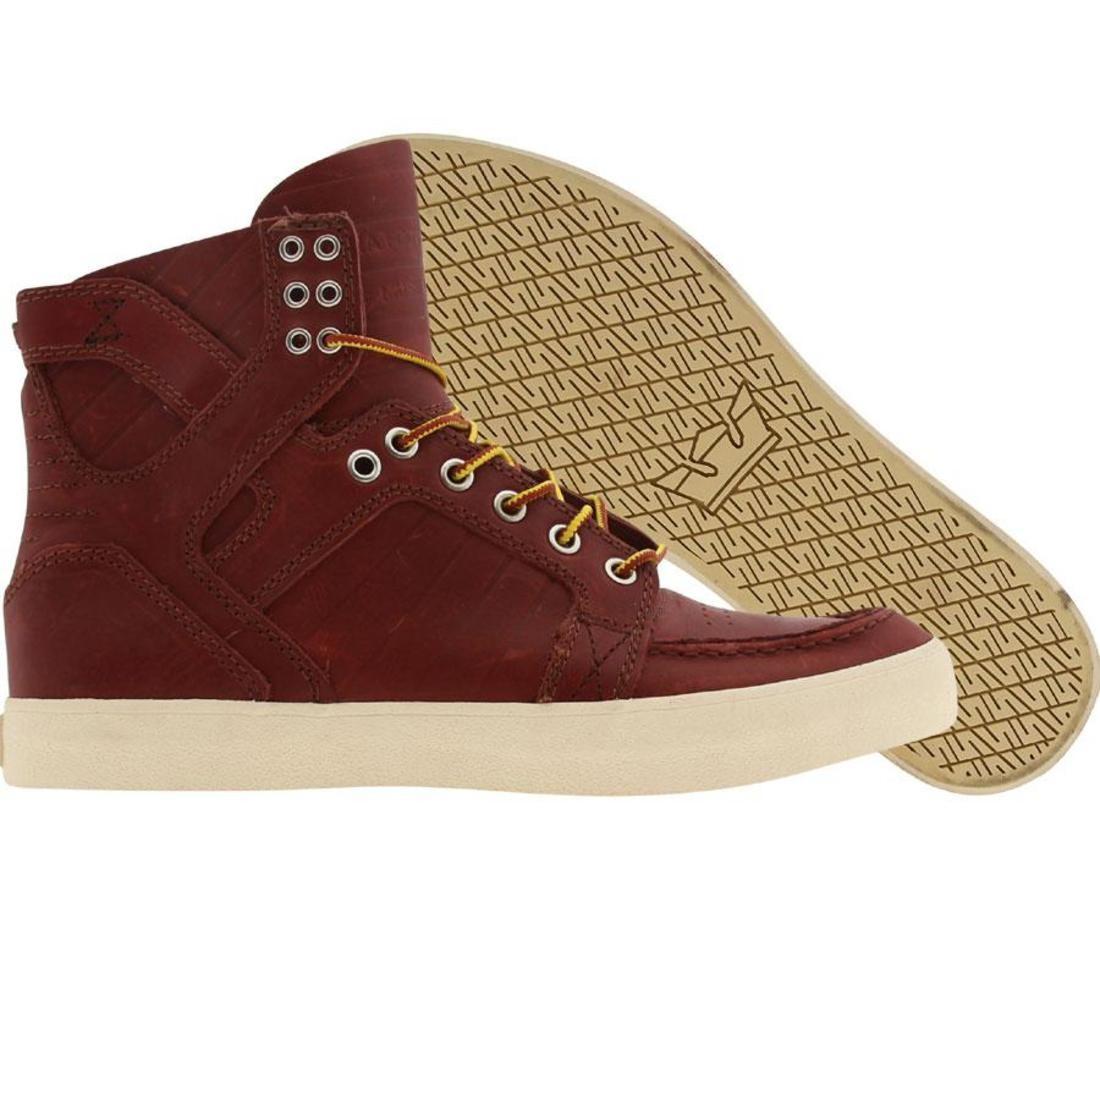 【海外限定】スープラ スカイモック PYS.COM 靴 メンズ靴 【 SUPRA X SKYMOC BURGUNDY COLLAB 】